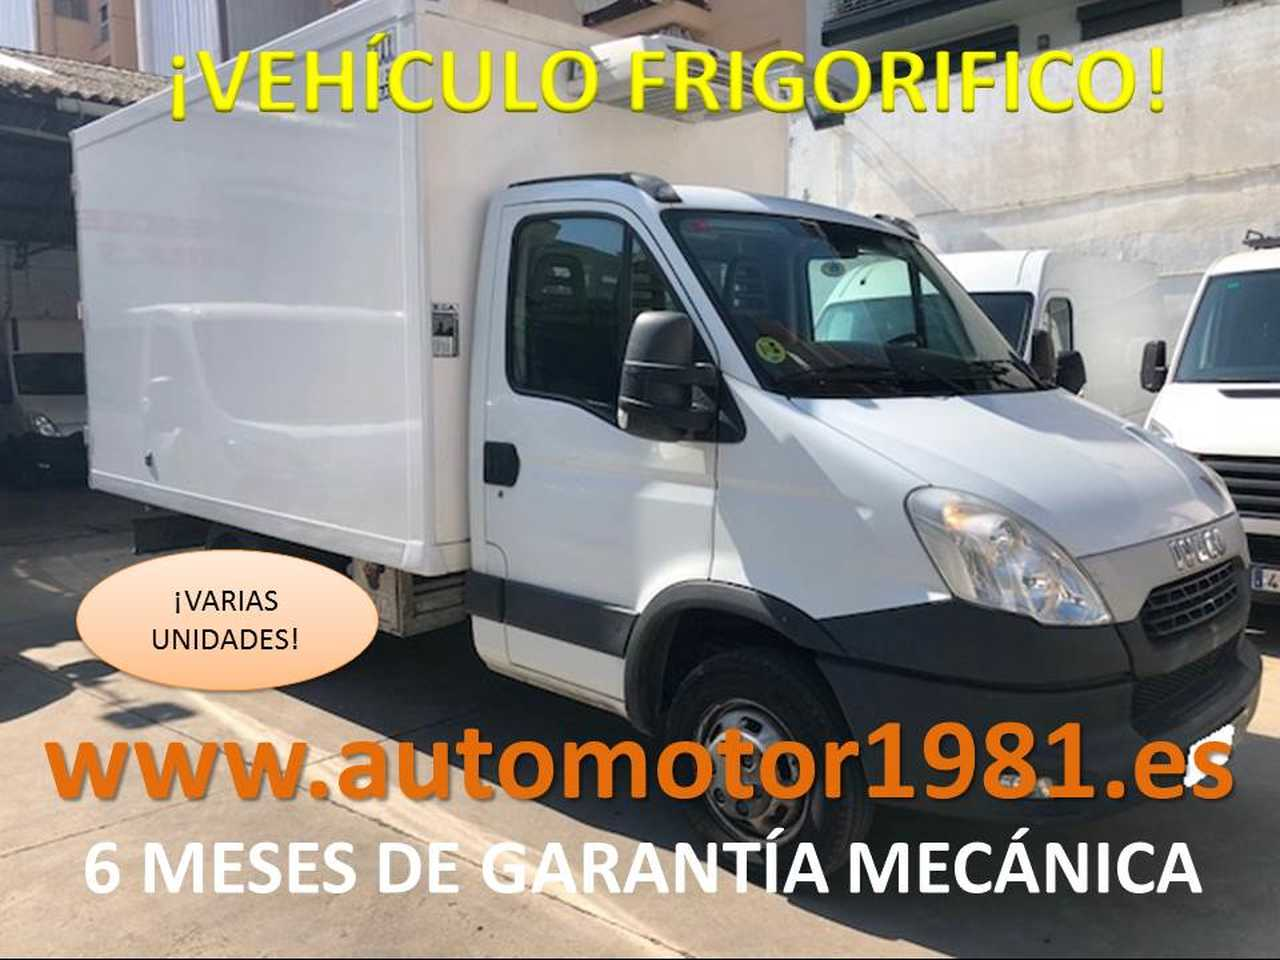 Iveco Daily 35C13 FRIGORIFICO - GARANTIA MECANICA  - Foto 1